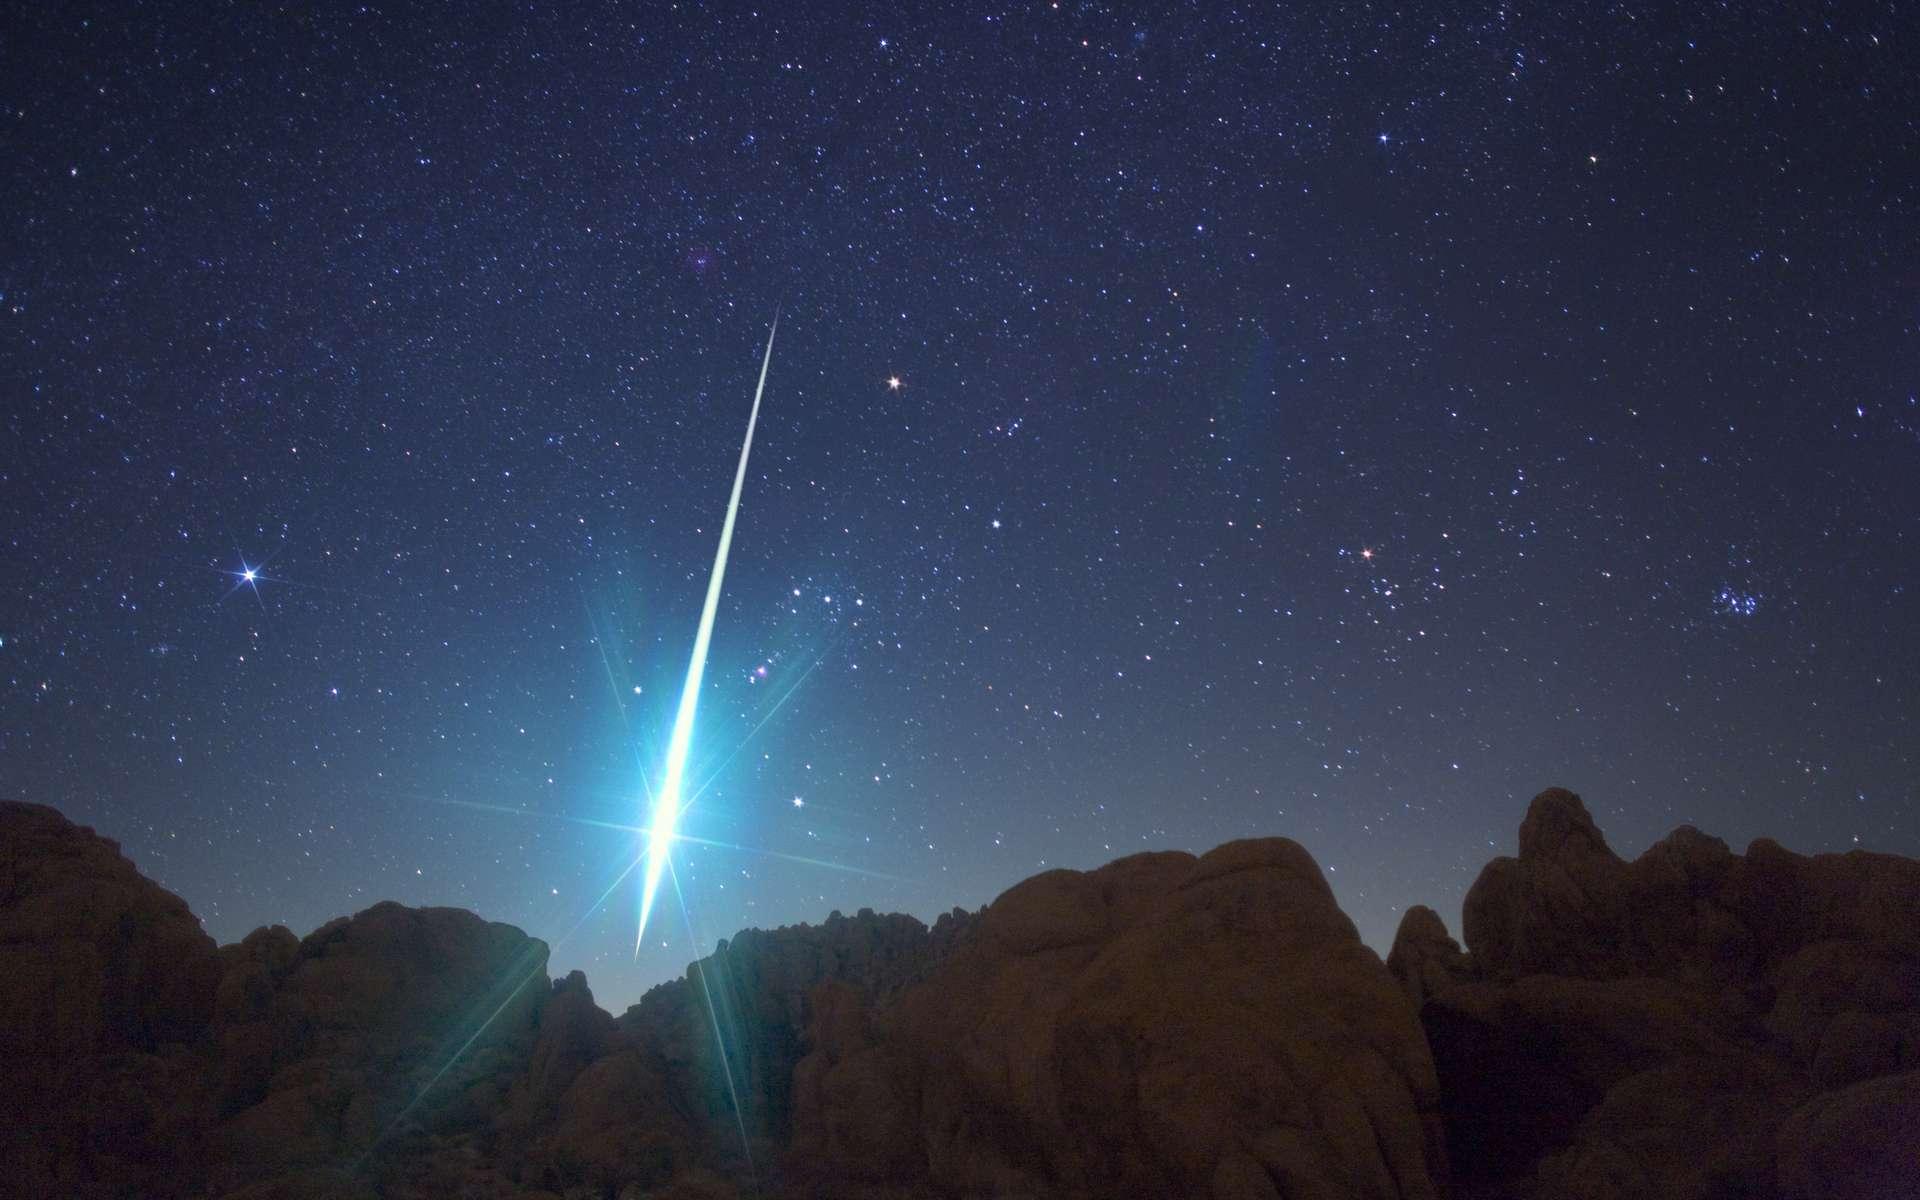 Magnifique bolide lors de la pluie d'étoiles filantes des Géminides de 2009. Photo prise dans le ciel du désert de Mojave. Le météore brille devant la constellation d'Orion. © Wally Pacholka, AstroPics.com, Twan